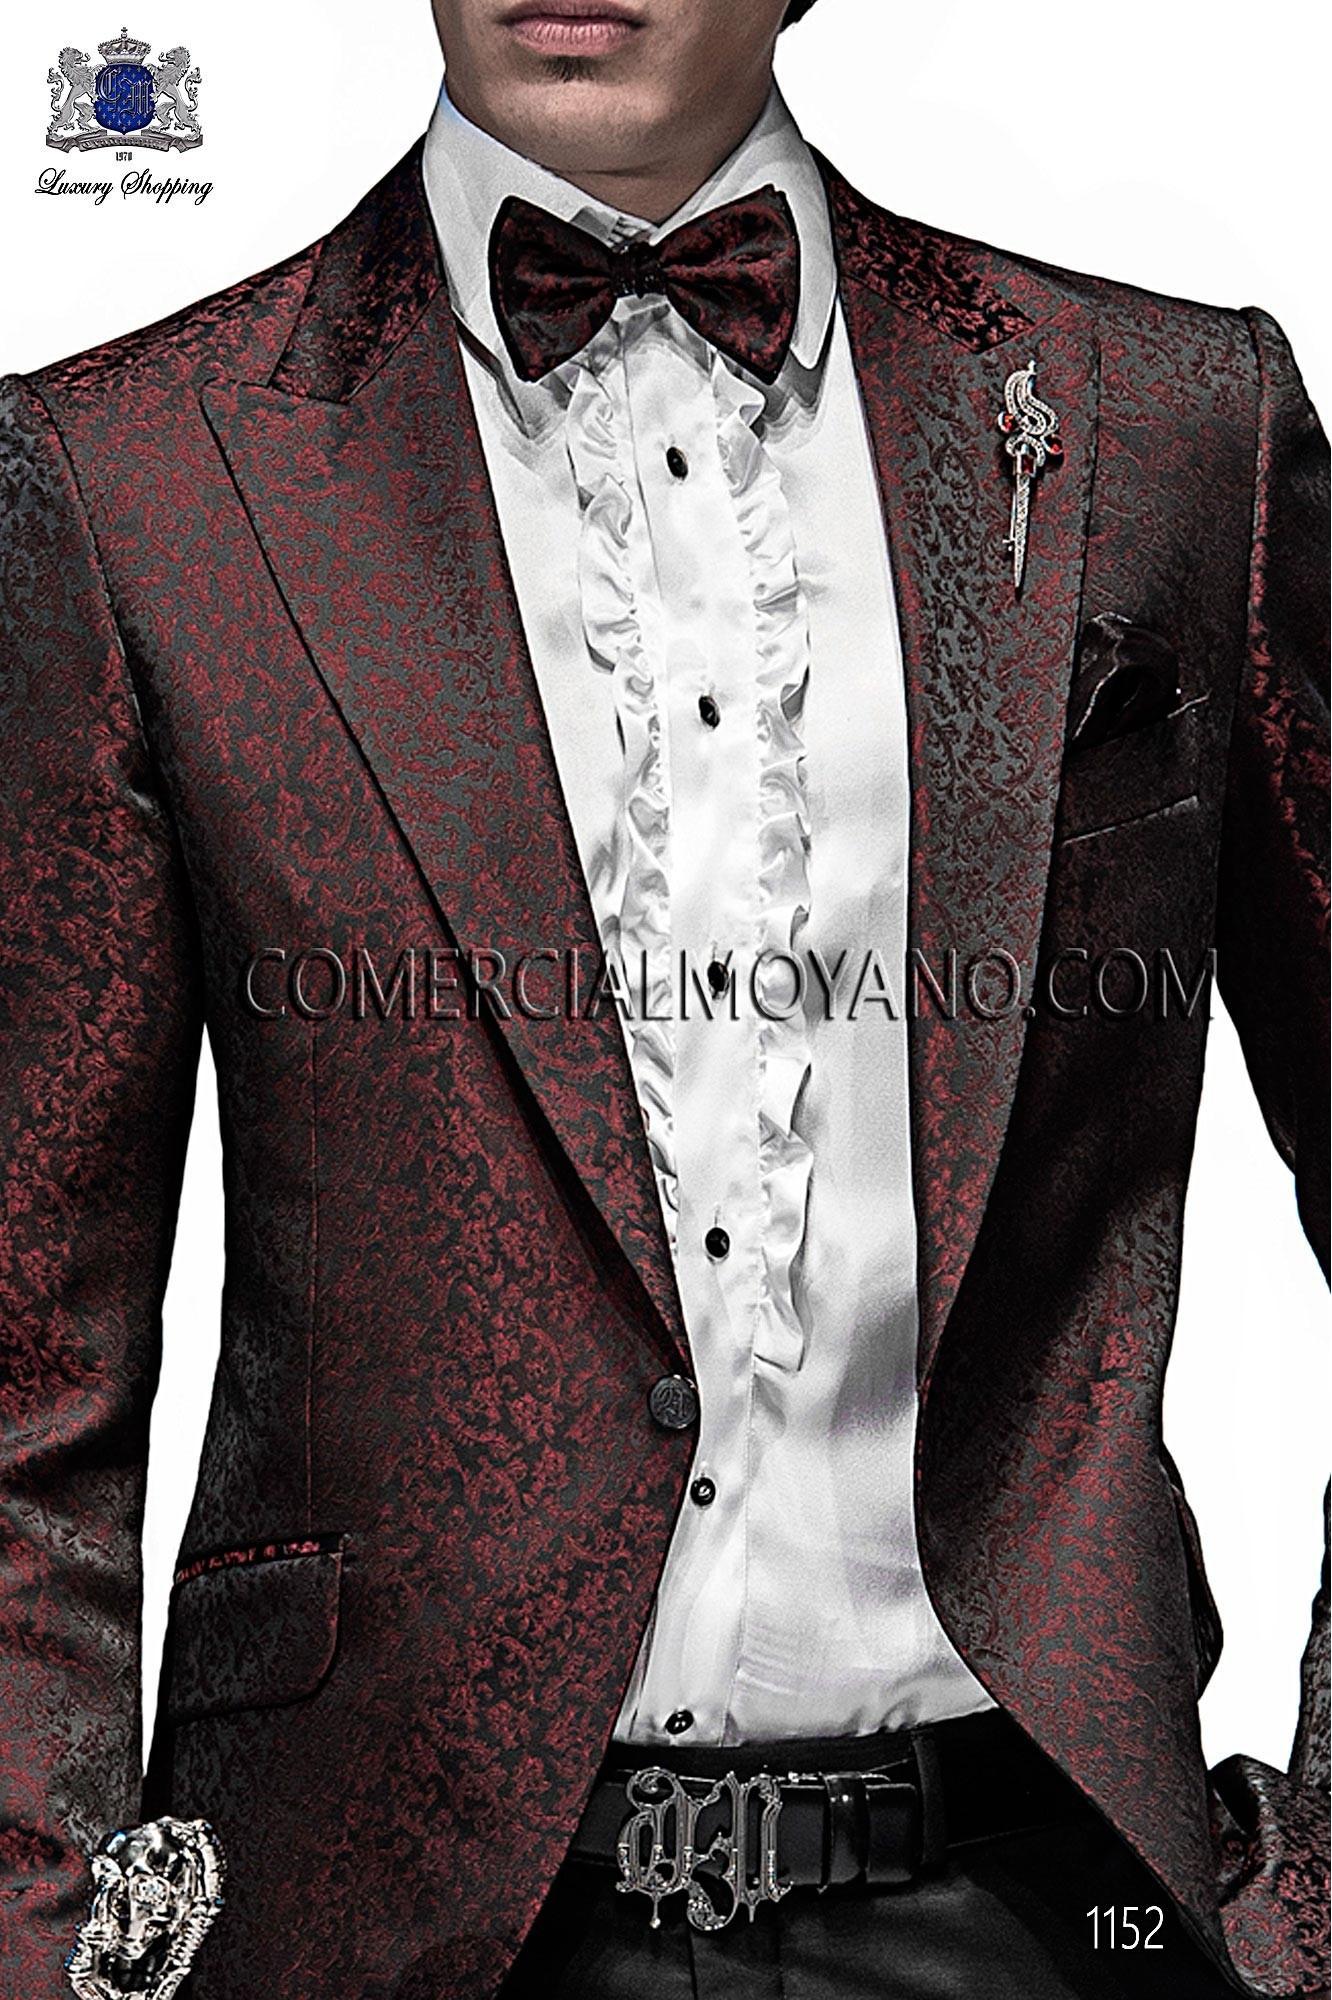 Traje Emotion de novio negro/rojo modelo: 1152 Ottavio Nuccio Gala colección Emotion